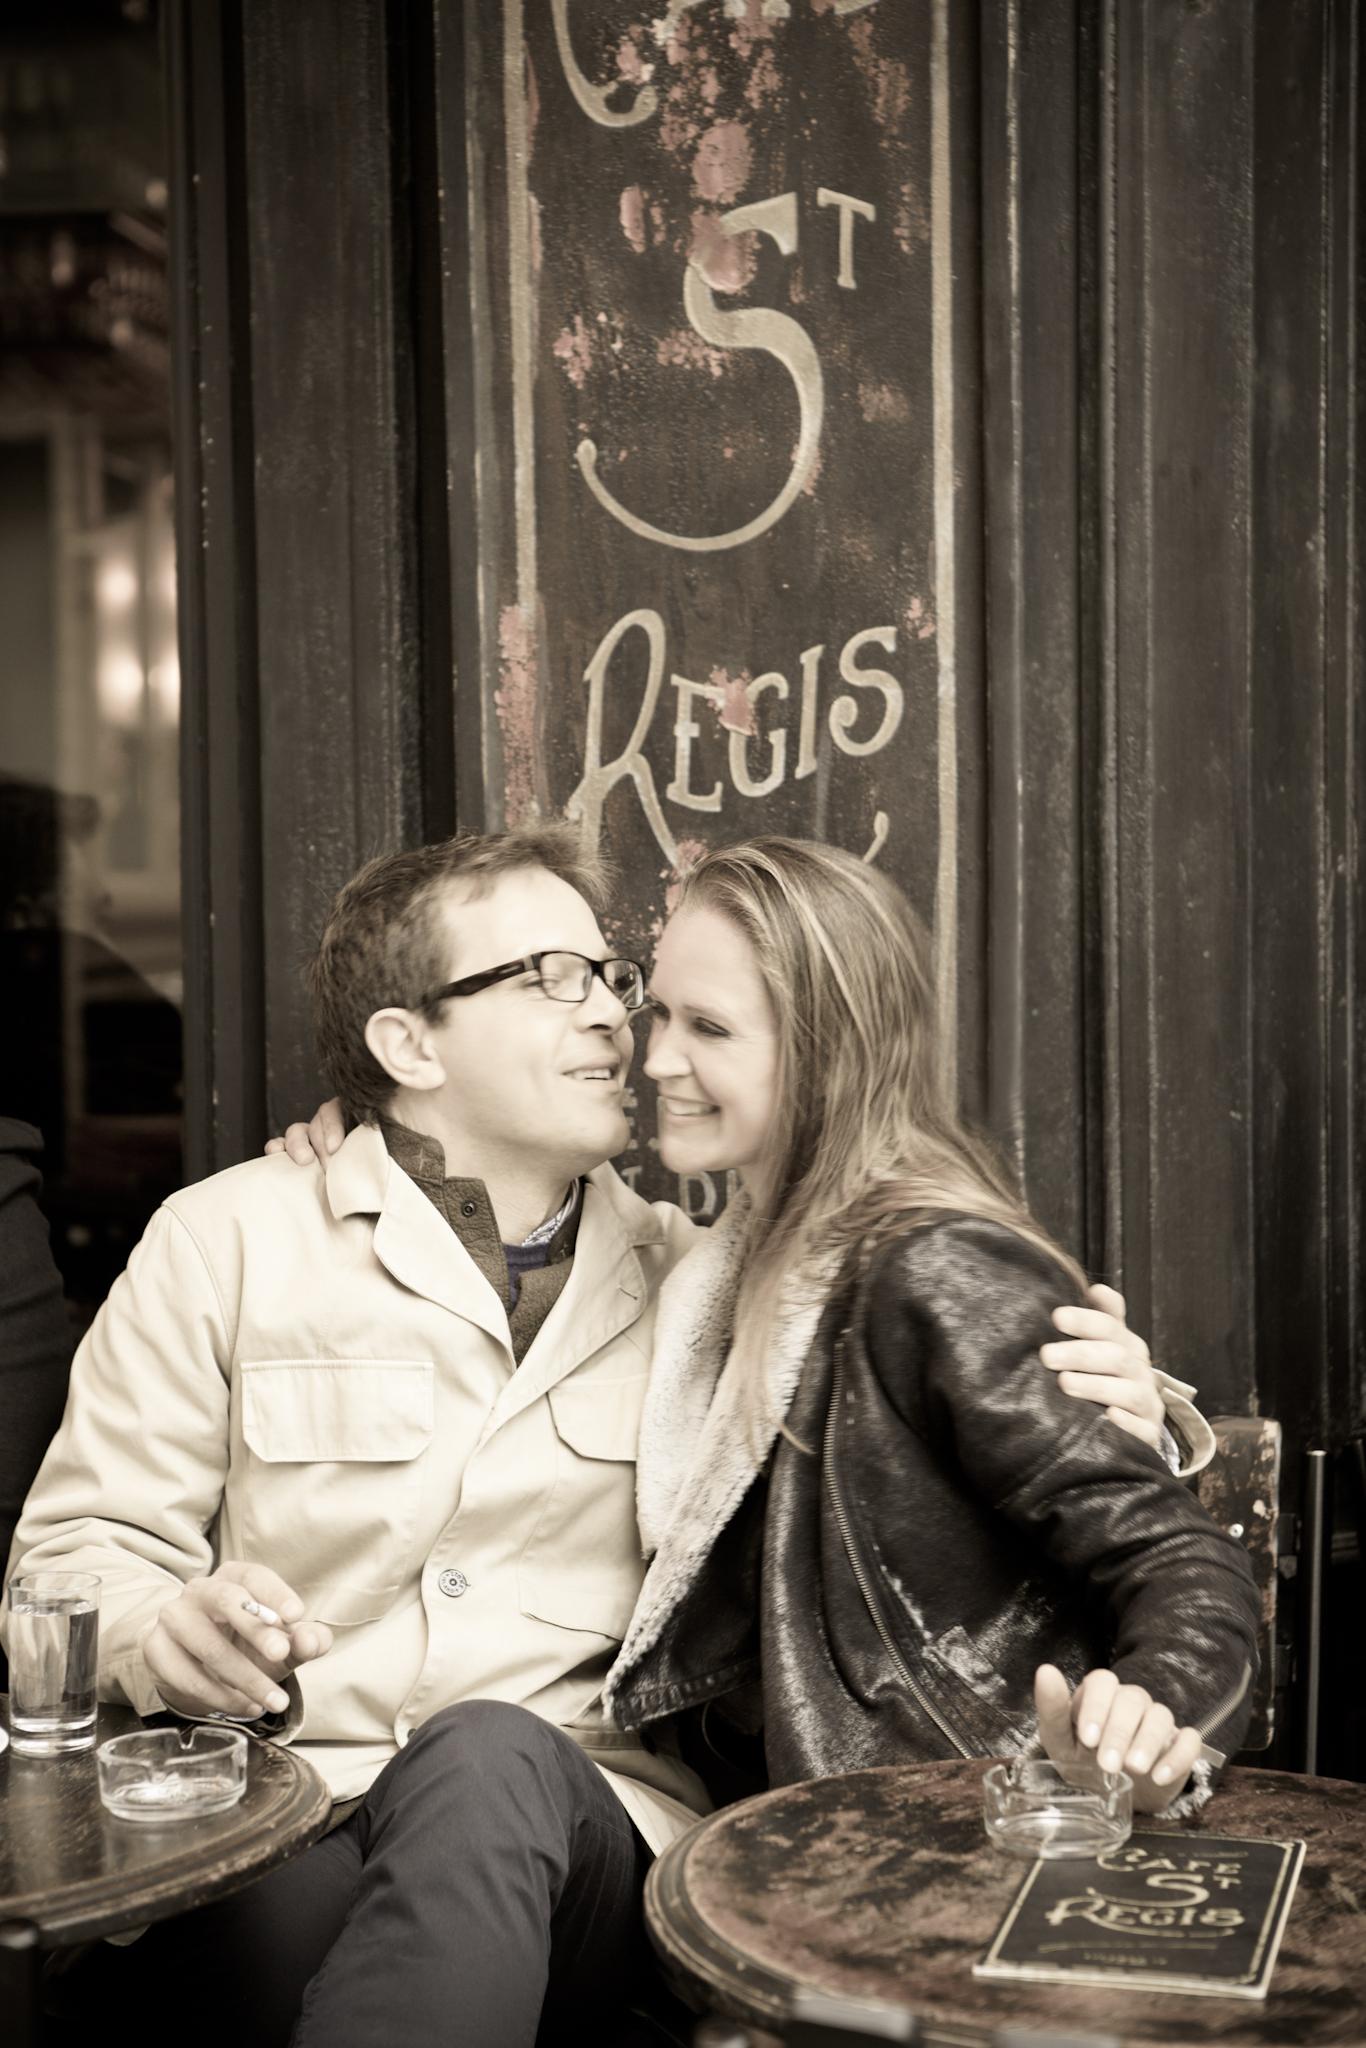 Paris Romance Portraits by Sharon Birke www.PowerfulGoddess.com